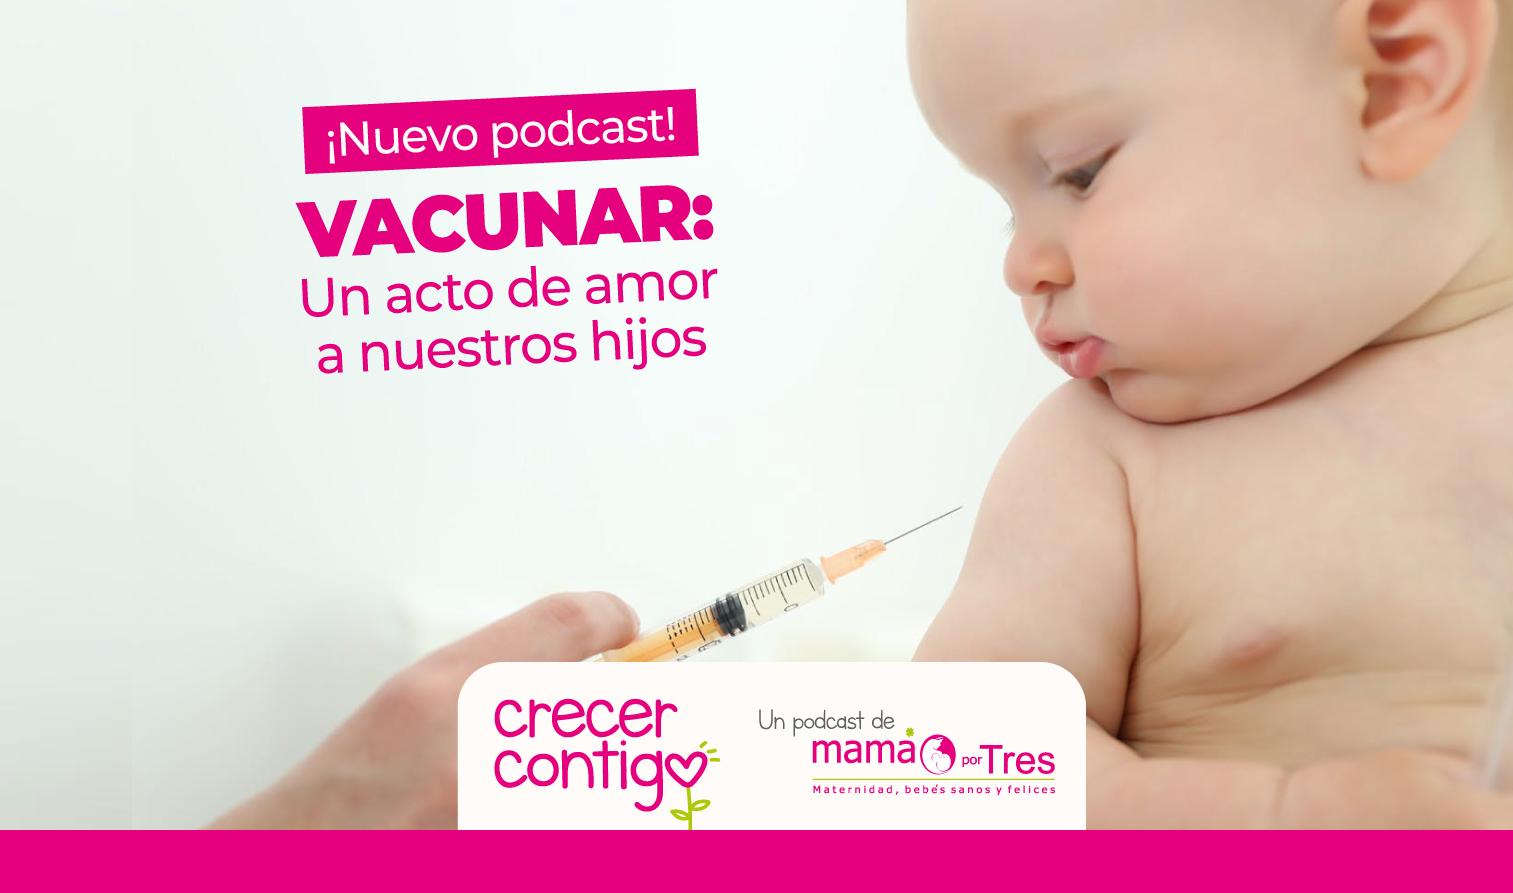 vacunar es un acto de amor a nuestros hijos